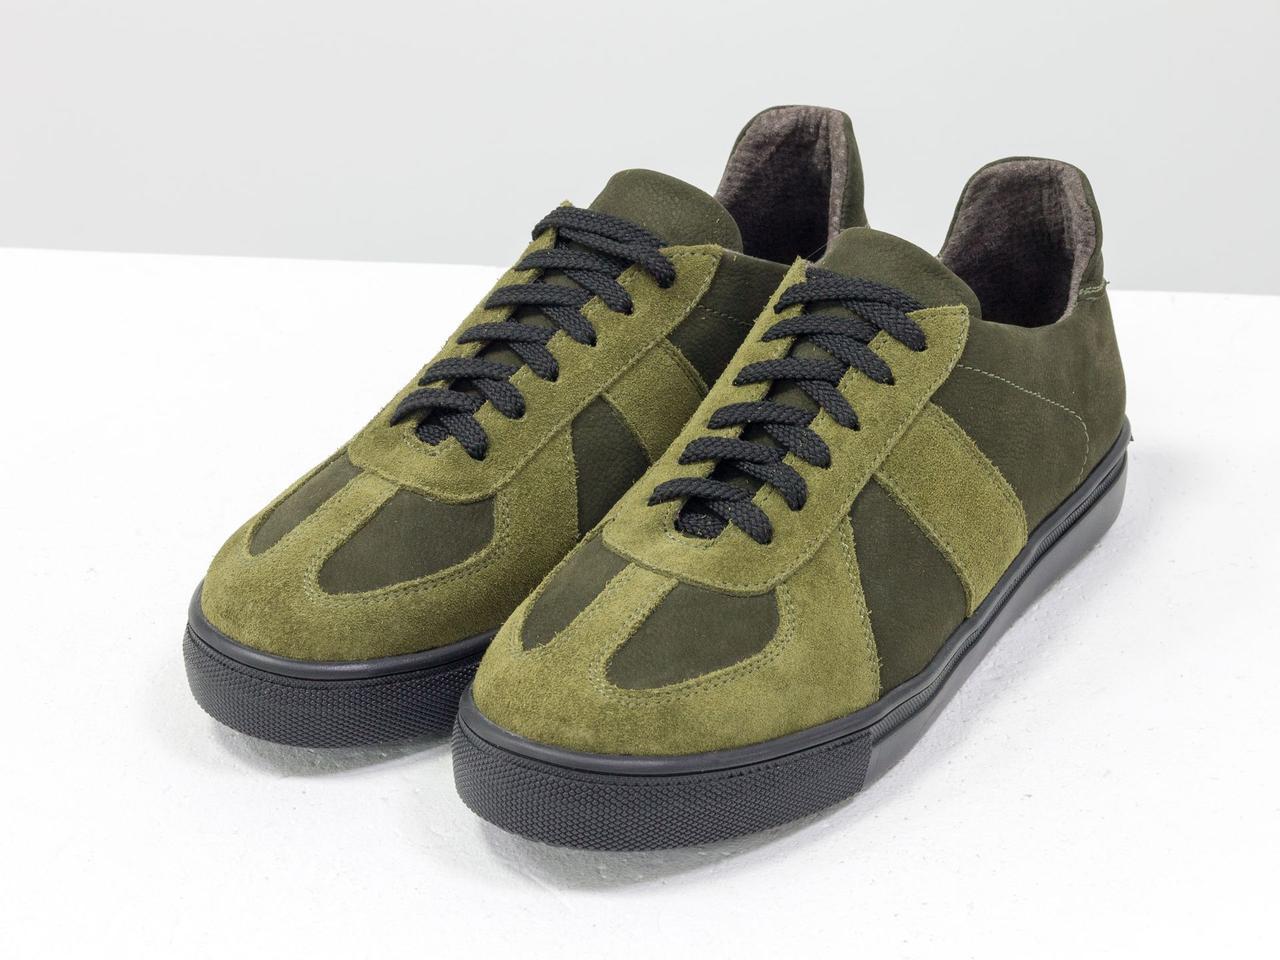 Стильные кроссовки из натуральной замши и матовой кожи оливкового и болотного цвета - фото 1